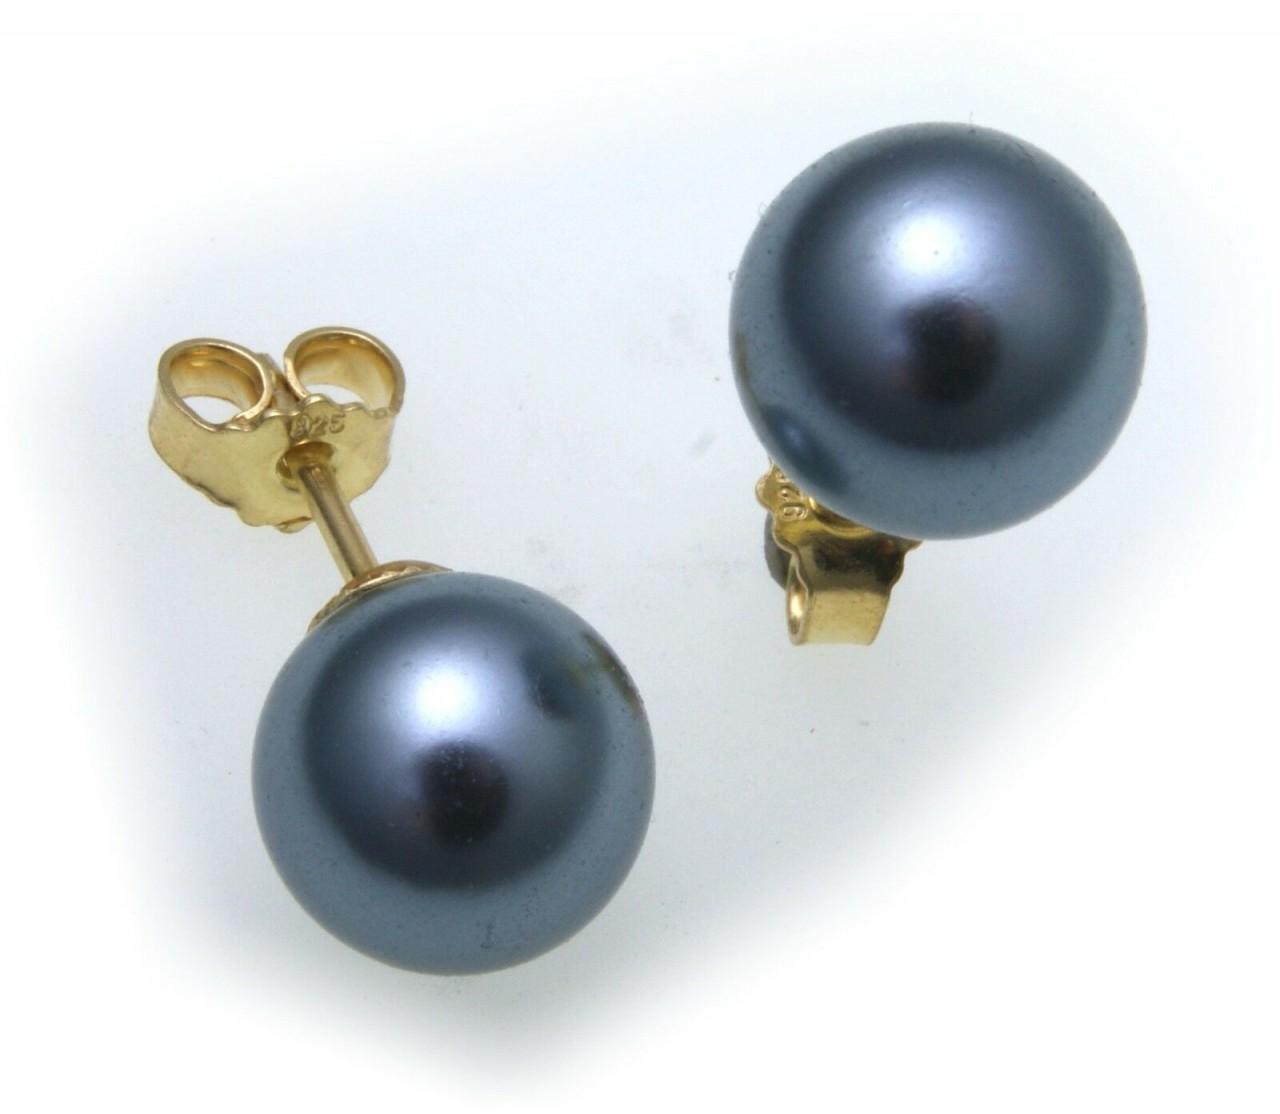 Ohrringe Stecker Muschelkernperlen grau Silber 925 Ohrstecker Sterlingsilber